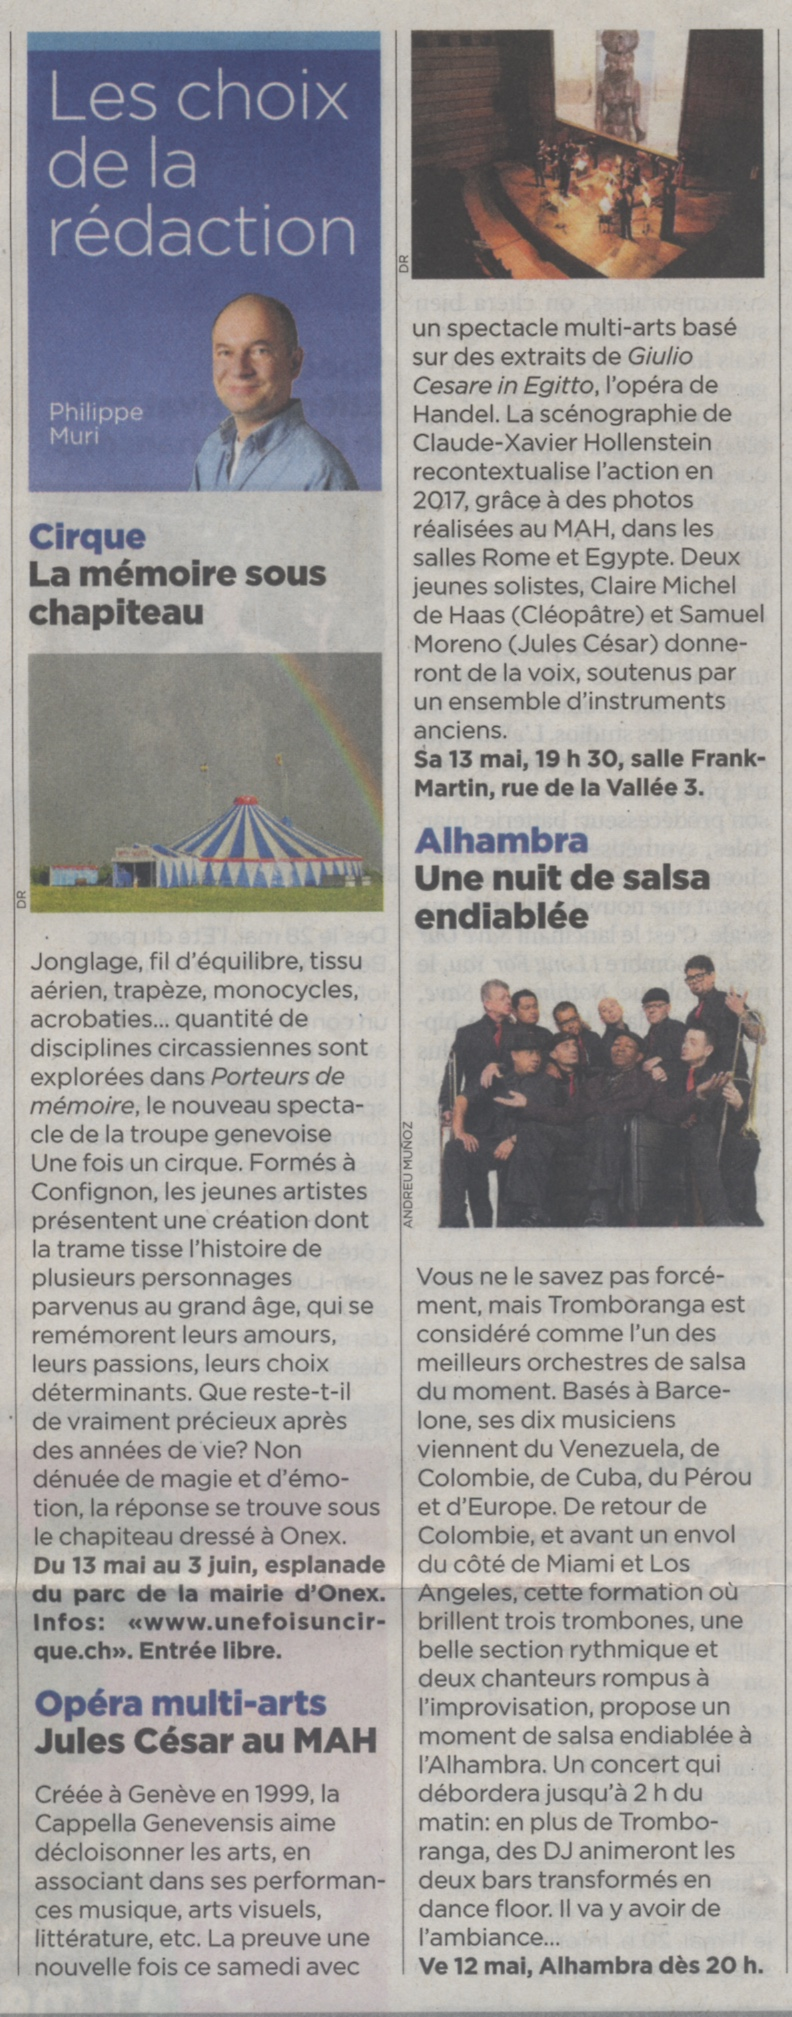 Tribune Ge 11.05.17.jpg